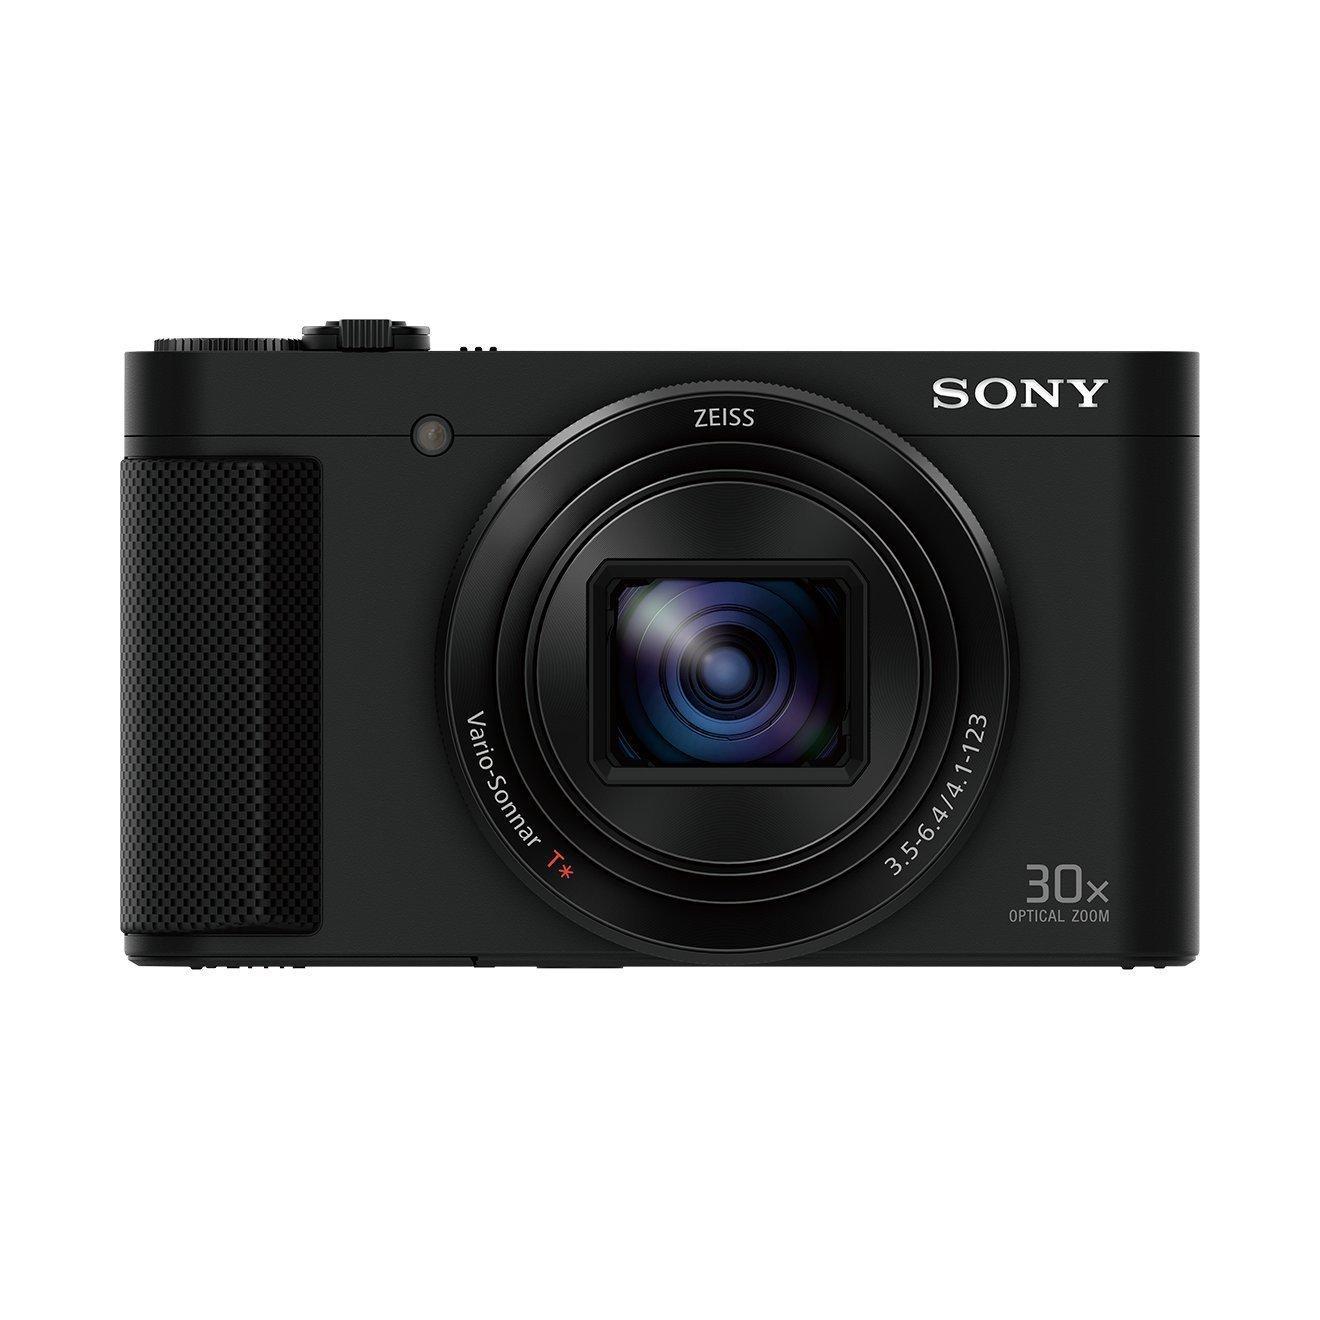 [Prime UK] Appareil Photo Sony DSC-HX90 - 18.2 Mpix, Zoom Optique 30x